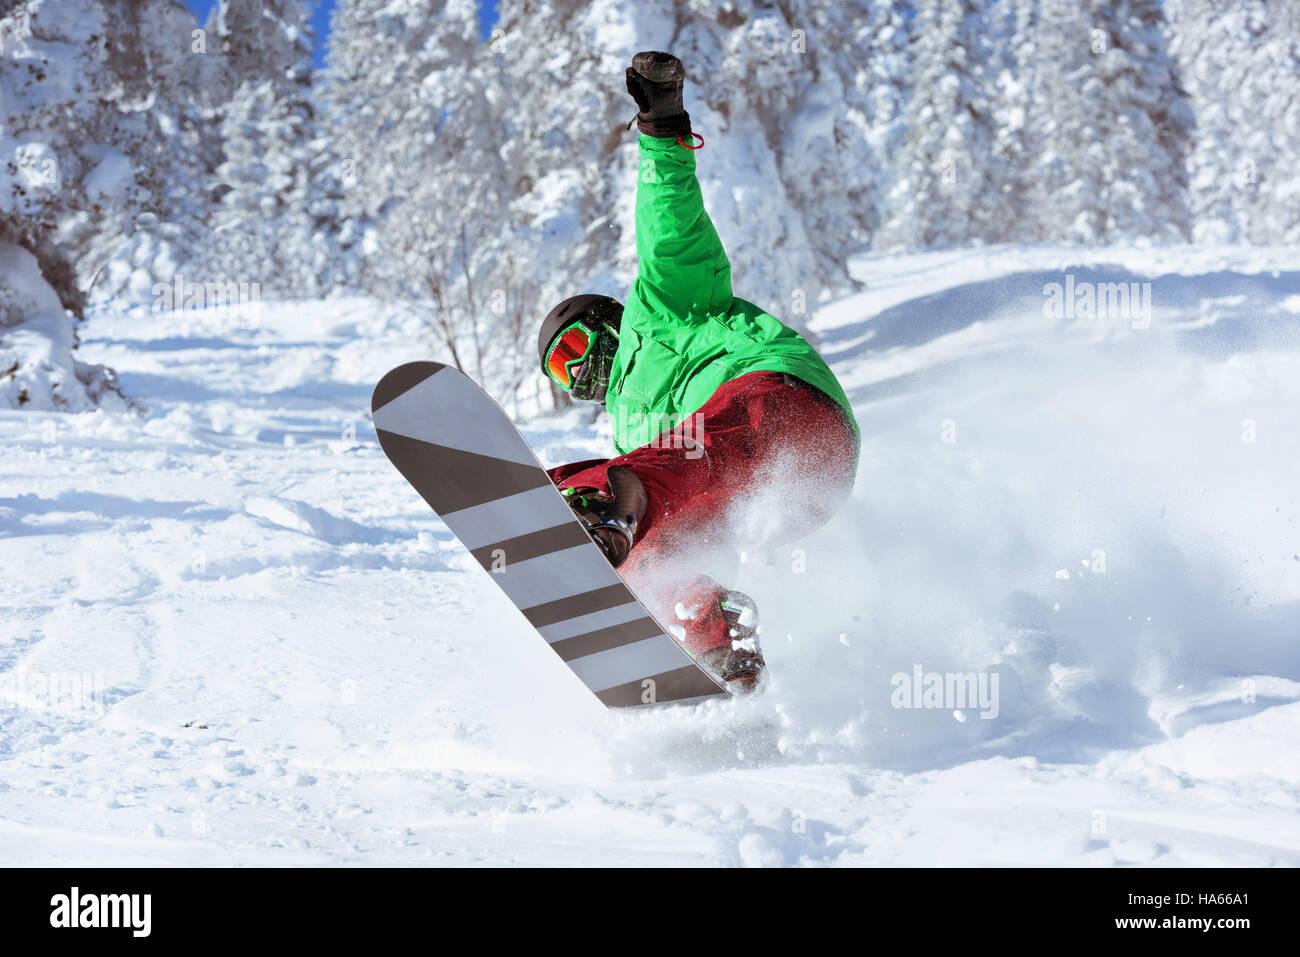 El Snowboarder saltos esquiador freeride bosque Imagen De Stock